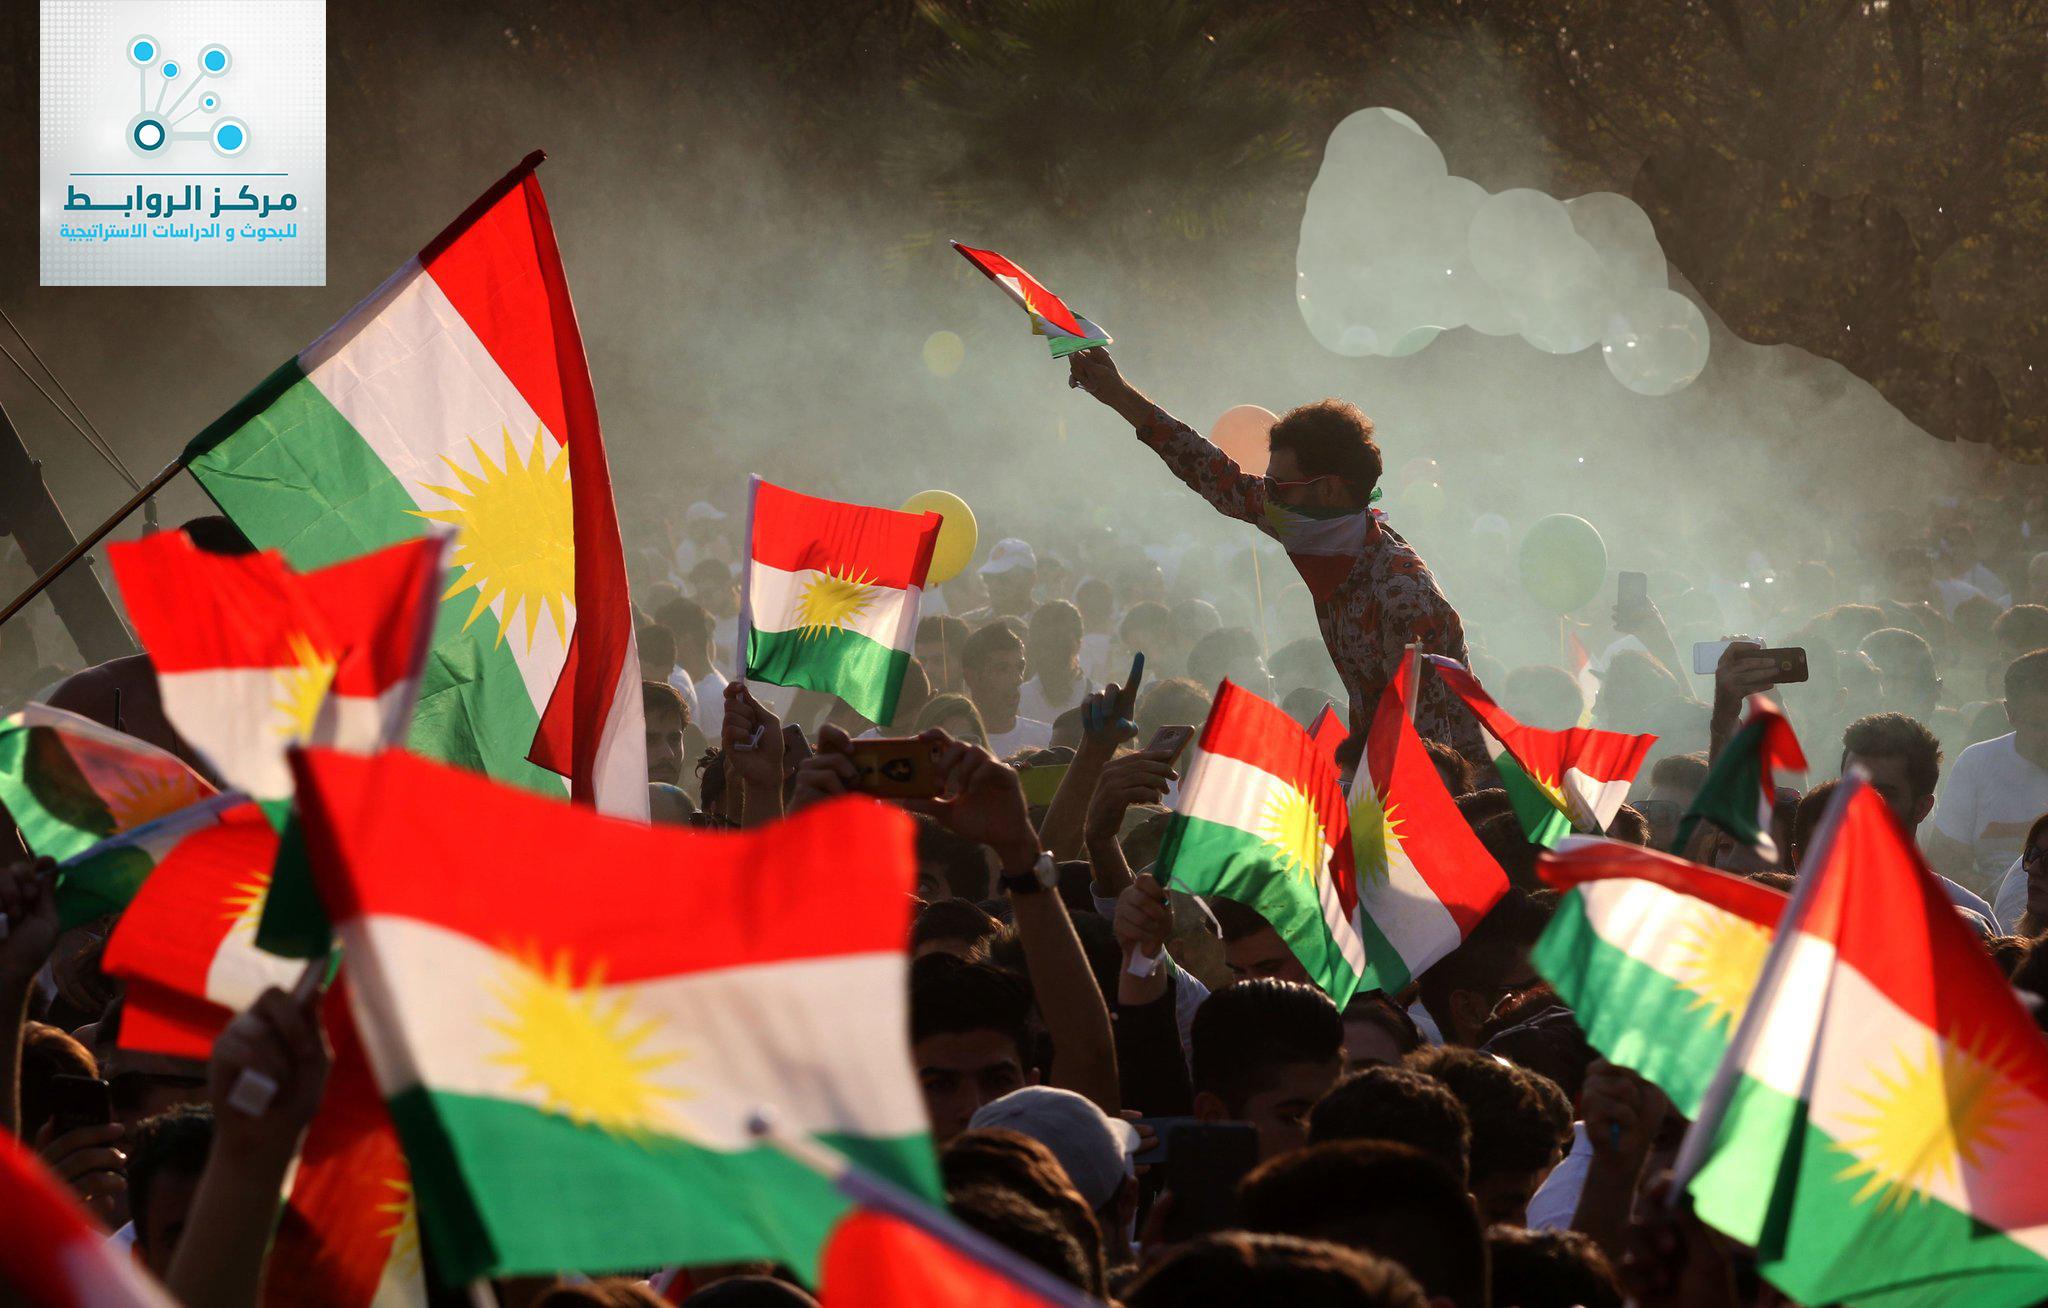 التداعيات الاستراتيجية لاستفتاء كردستان العراق